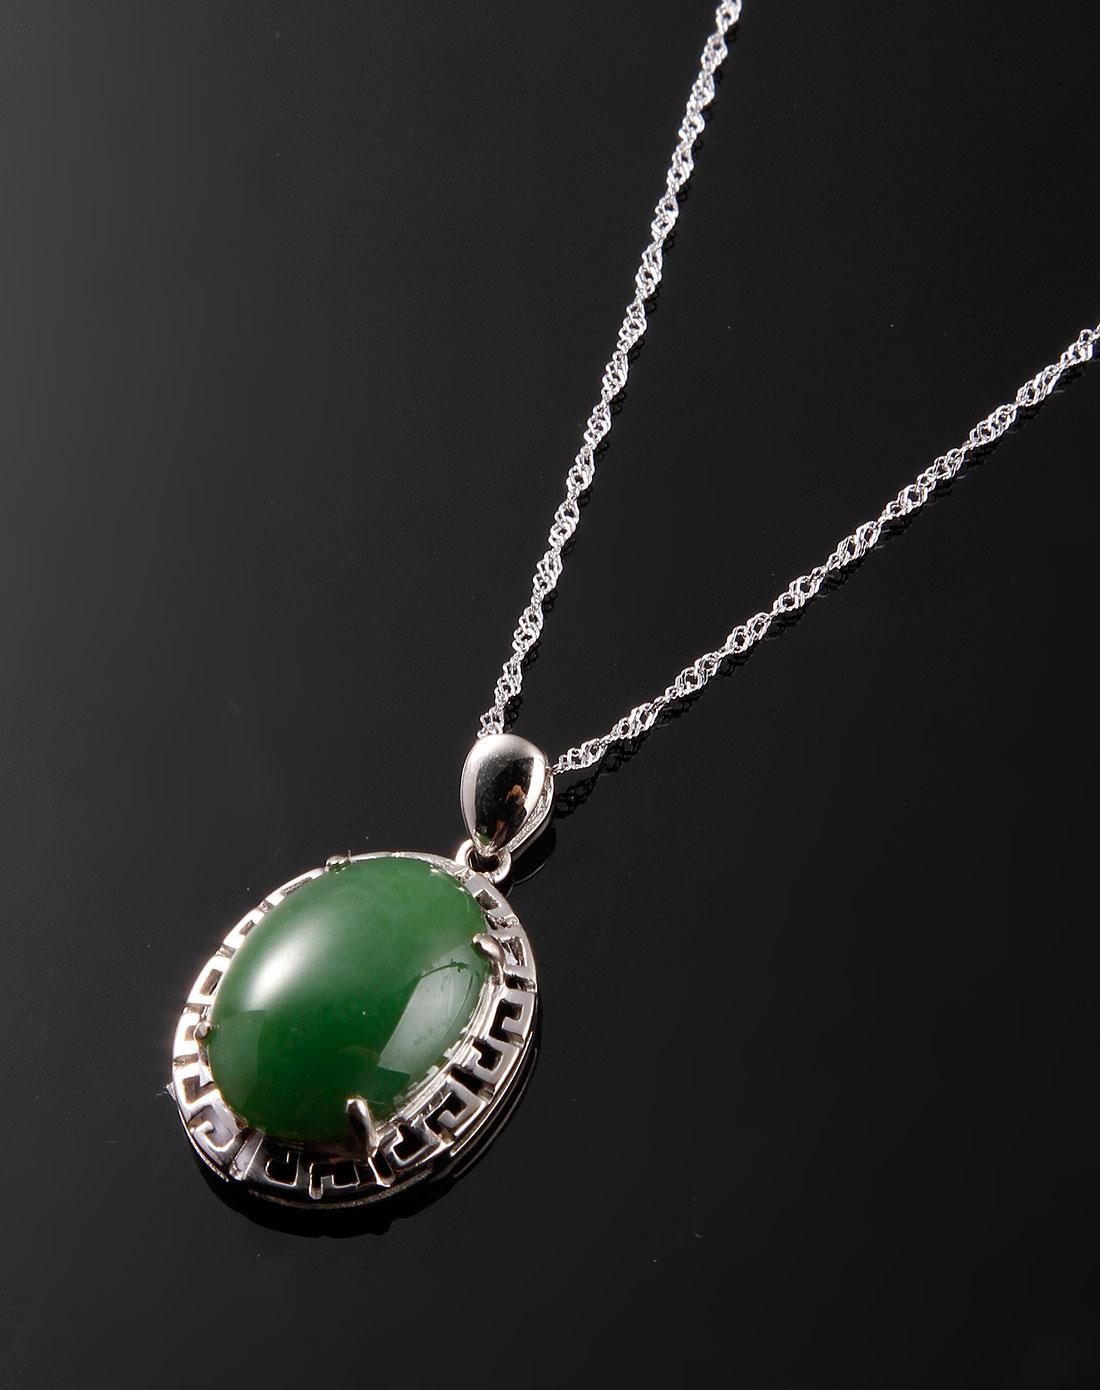 绿色椭圆形天然和田碧玉吊坠项链